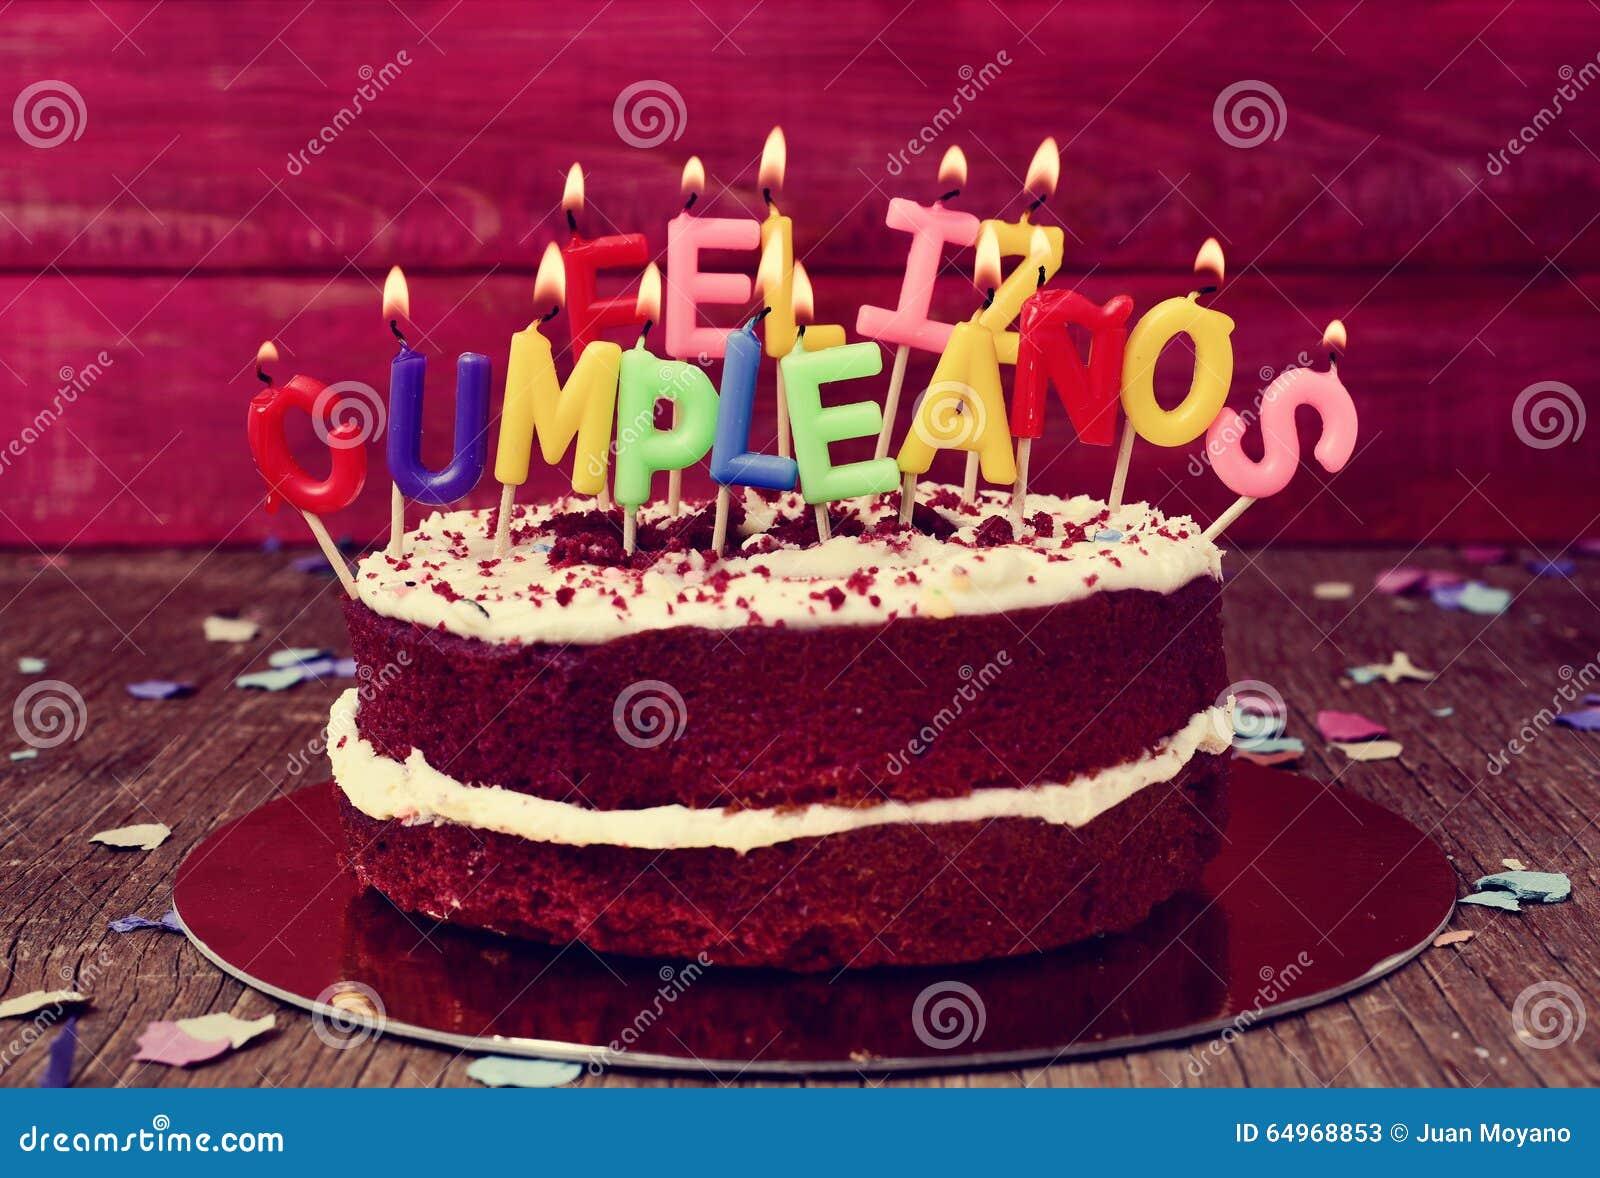 Feliz-cumpleanos, alles Gute zum Geburtstag auf spanisch